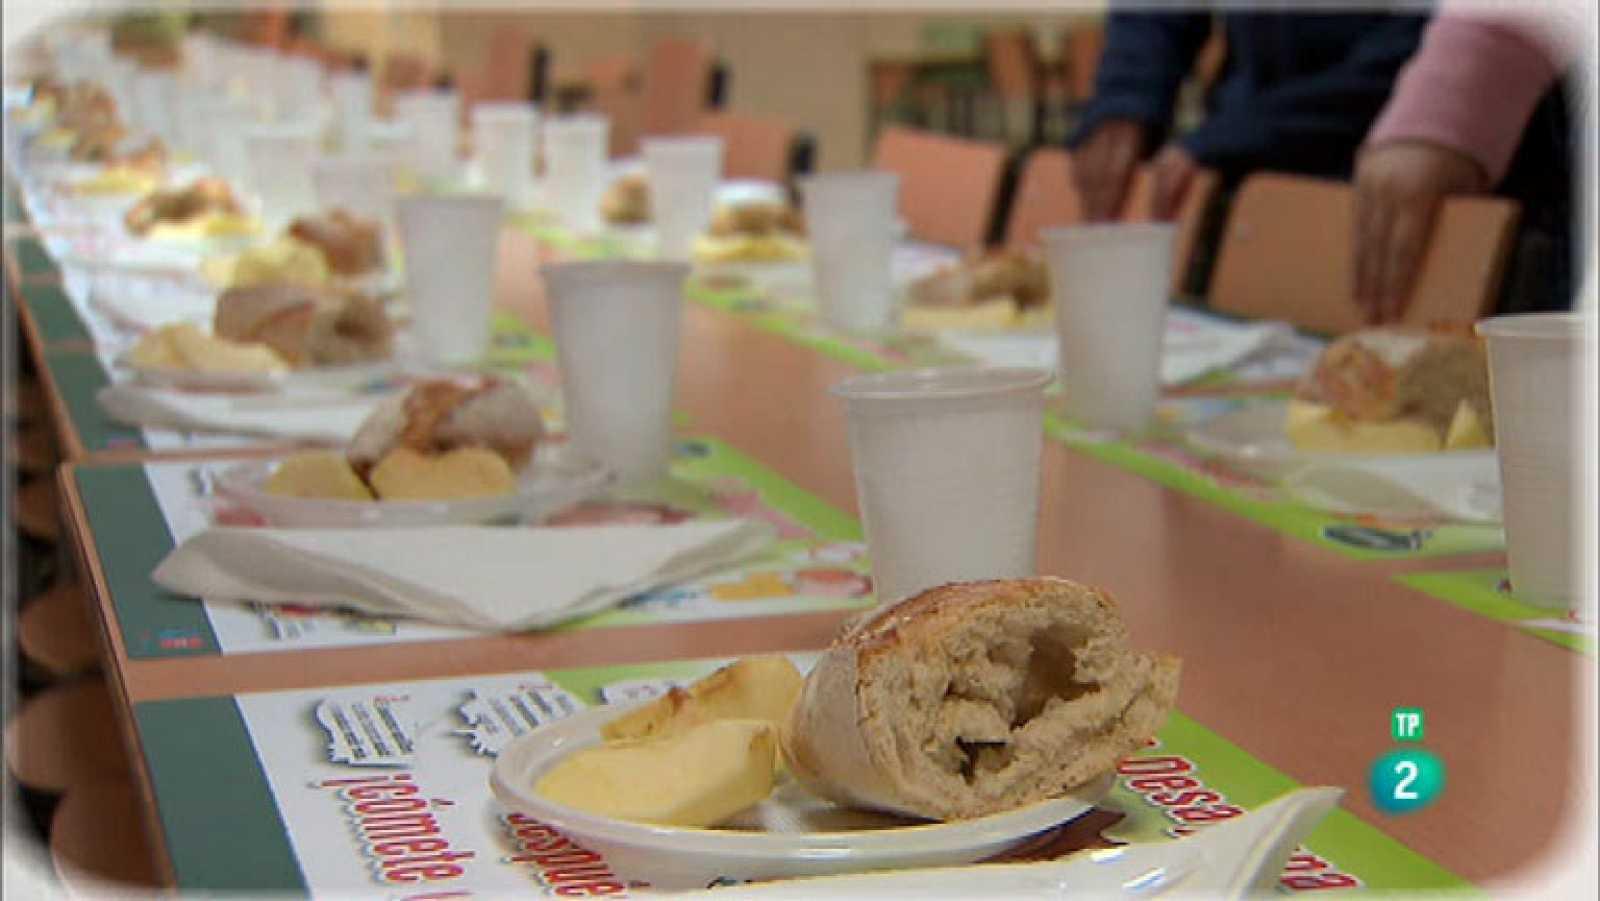 La aventura del saber El desayuno infantil desarrollo y rendimiento obesidad #AventuraSaberSalud